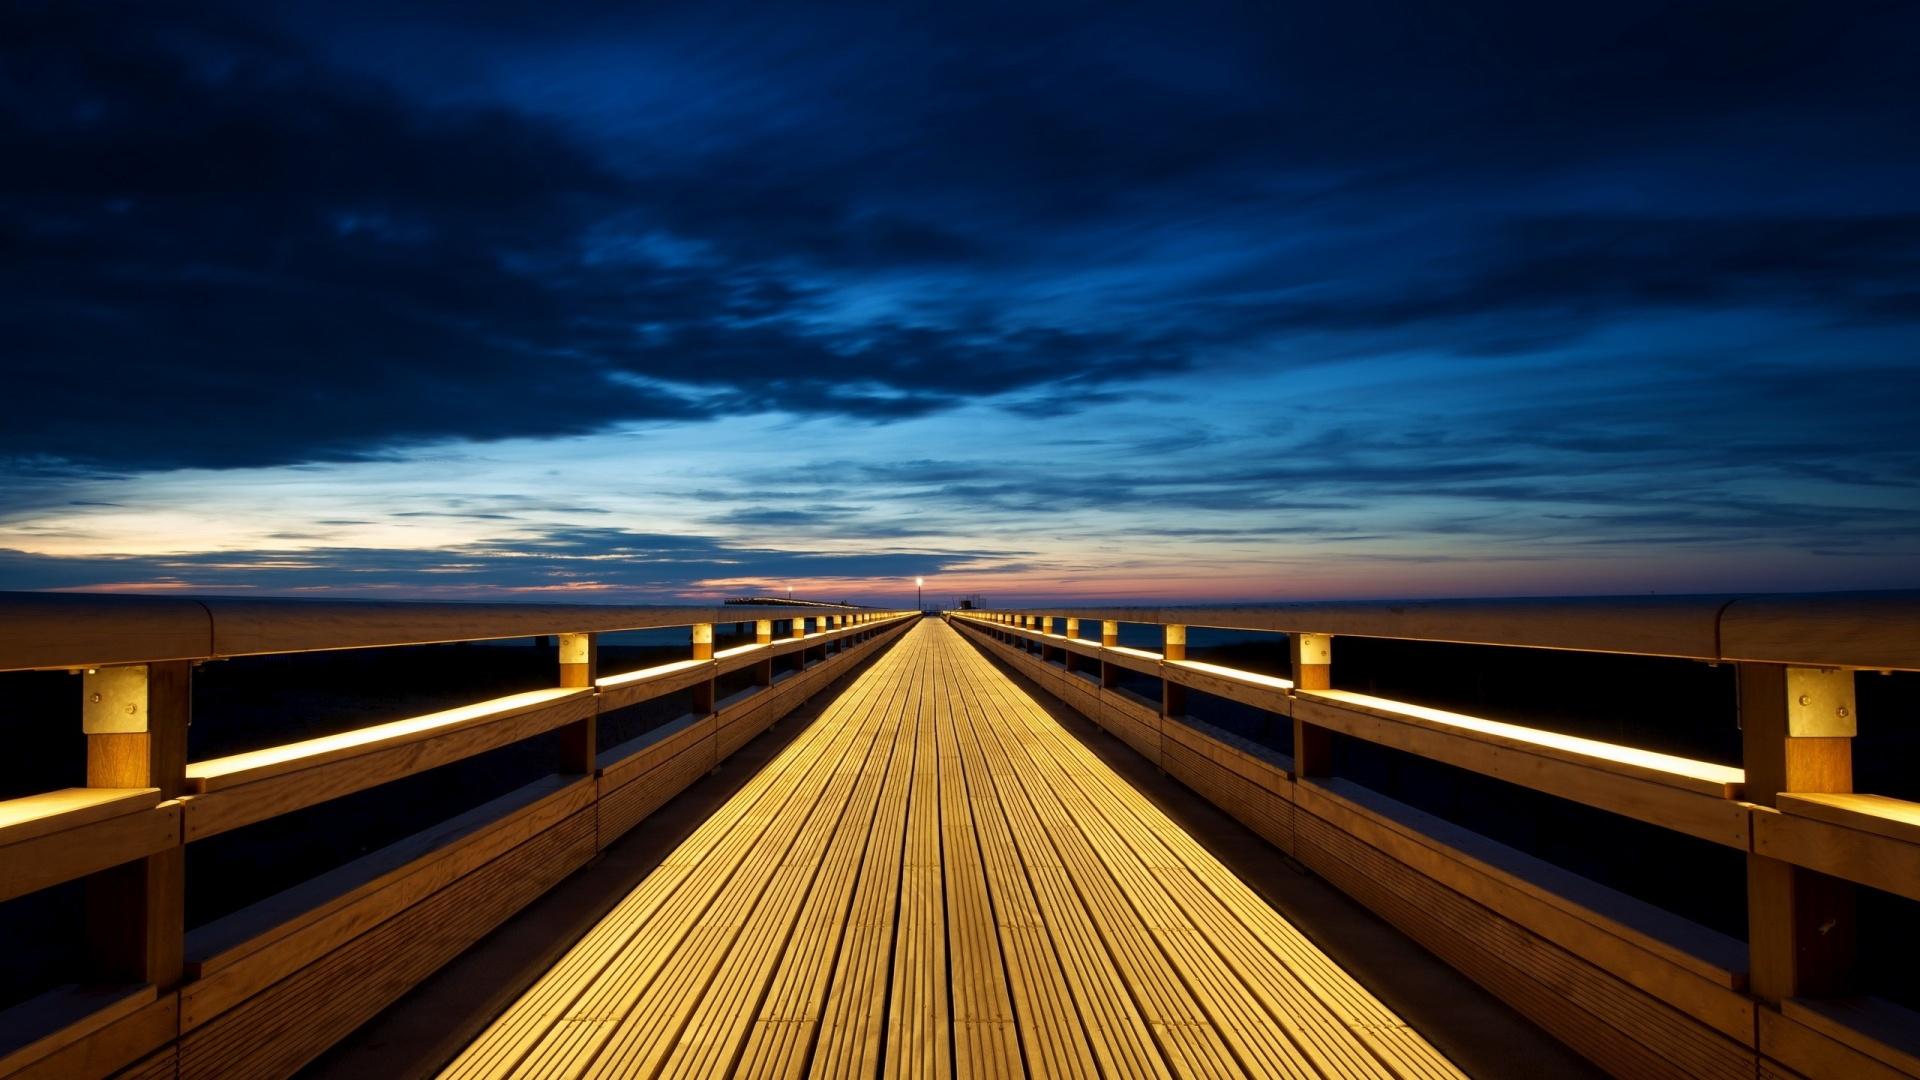 Awesome Endless Wooden Bridge Wallpaper HD Wallpaper